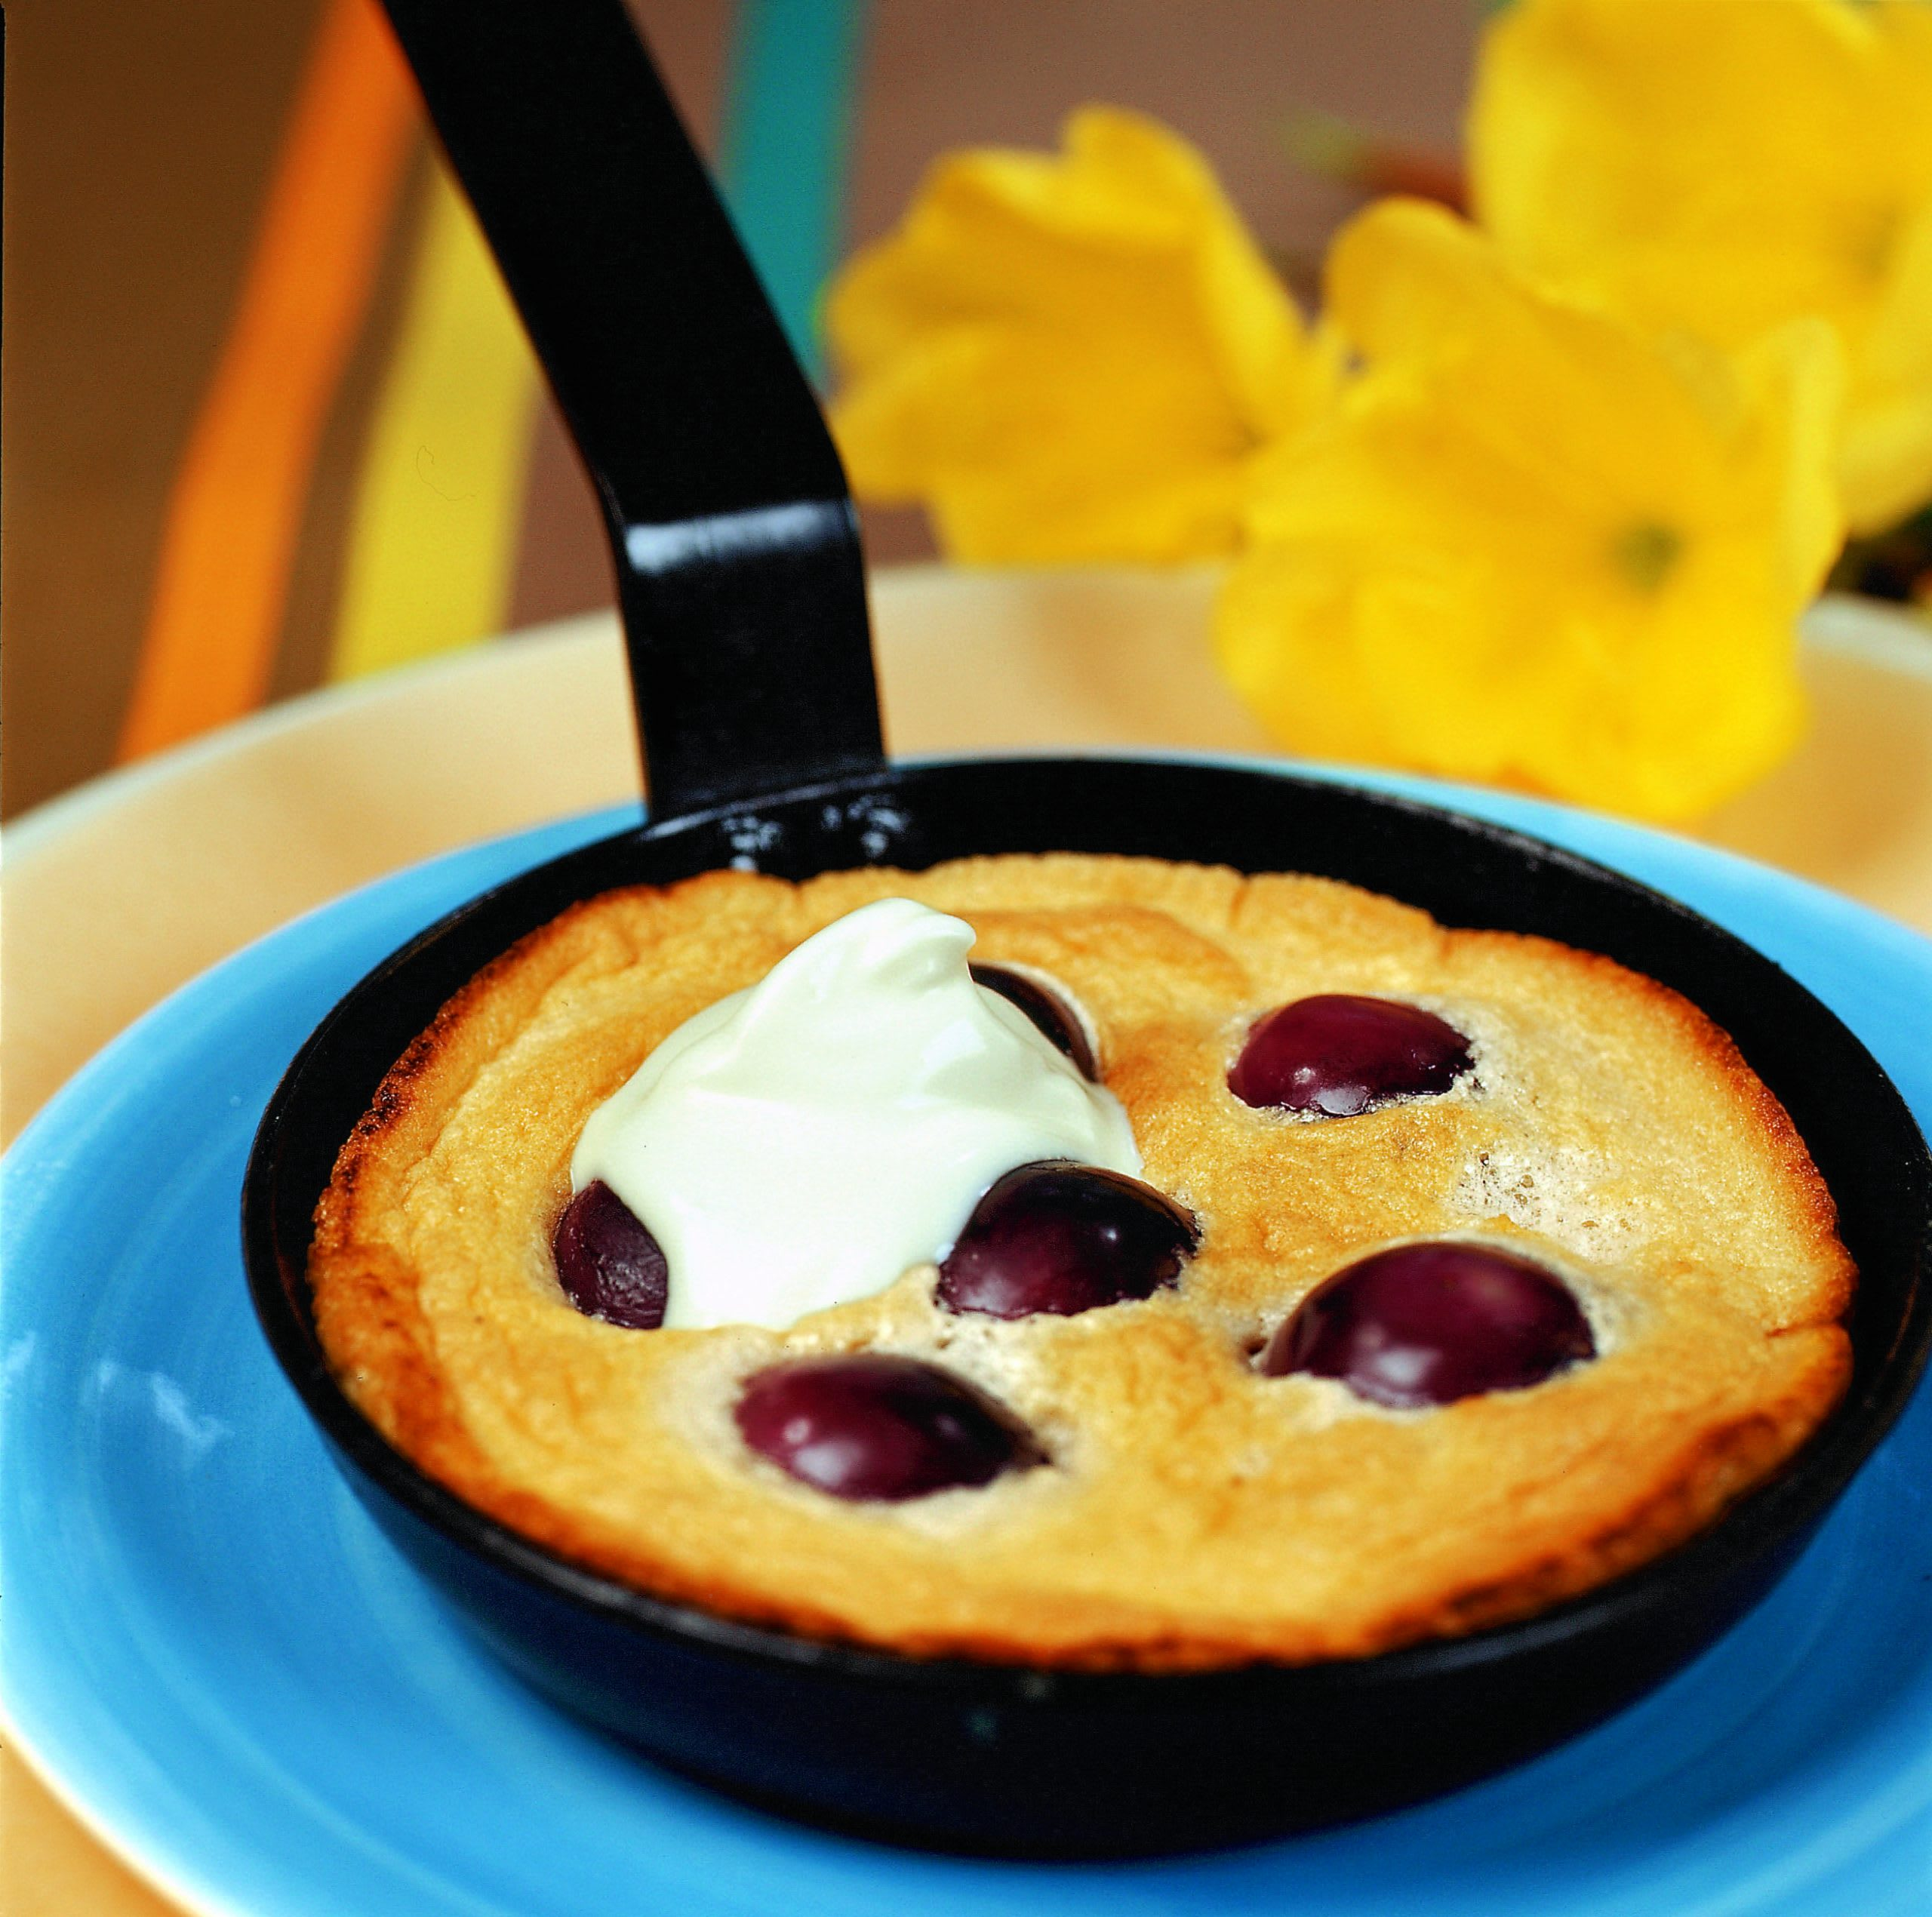 Petits gâteaux aux raisins garnis de crème acidulée